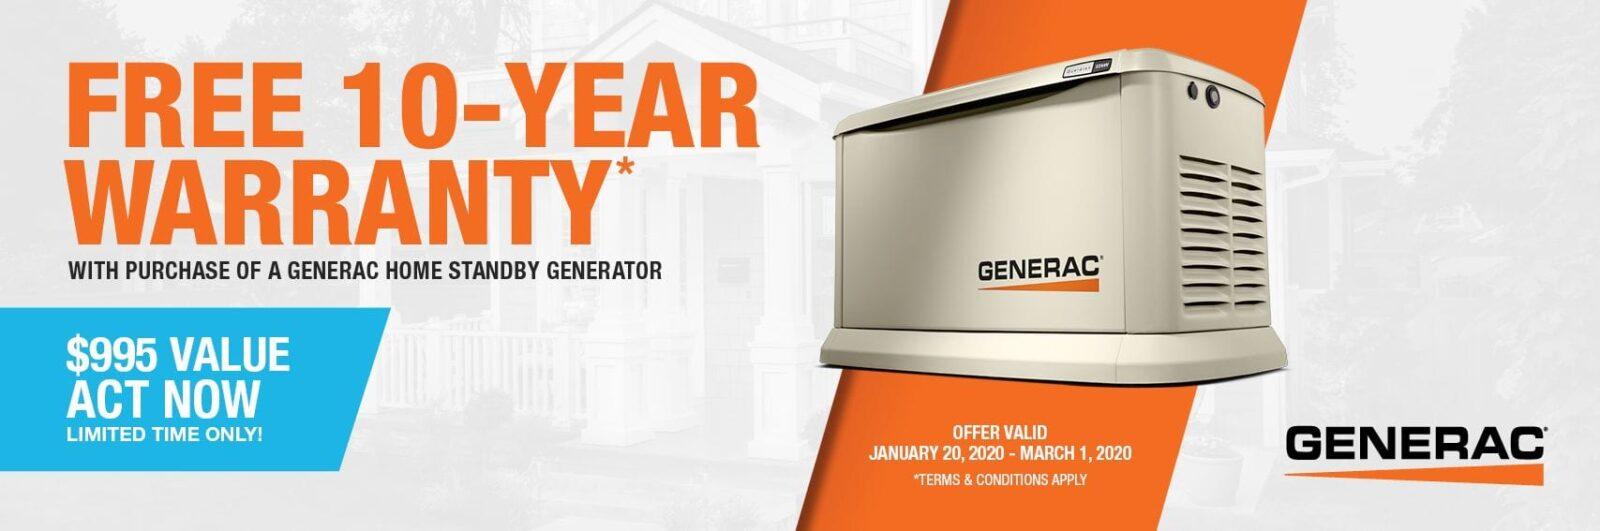 Free 10-Year Extended Warranty for Generac Generators